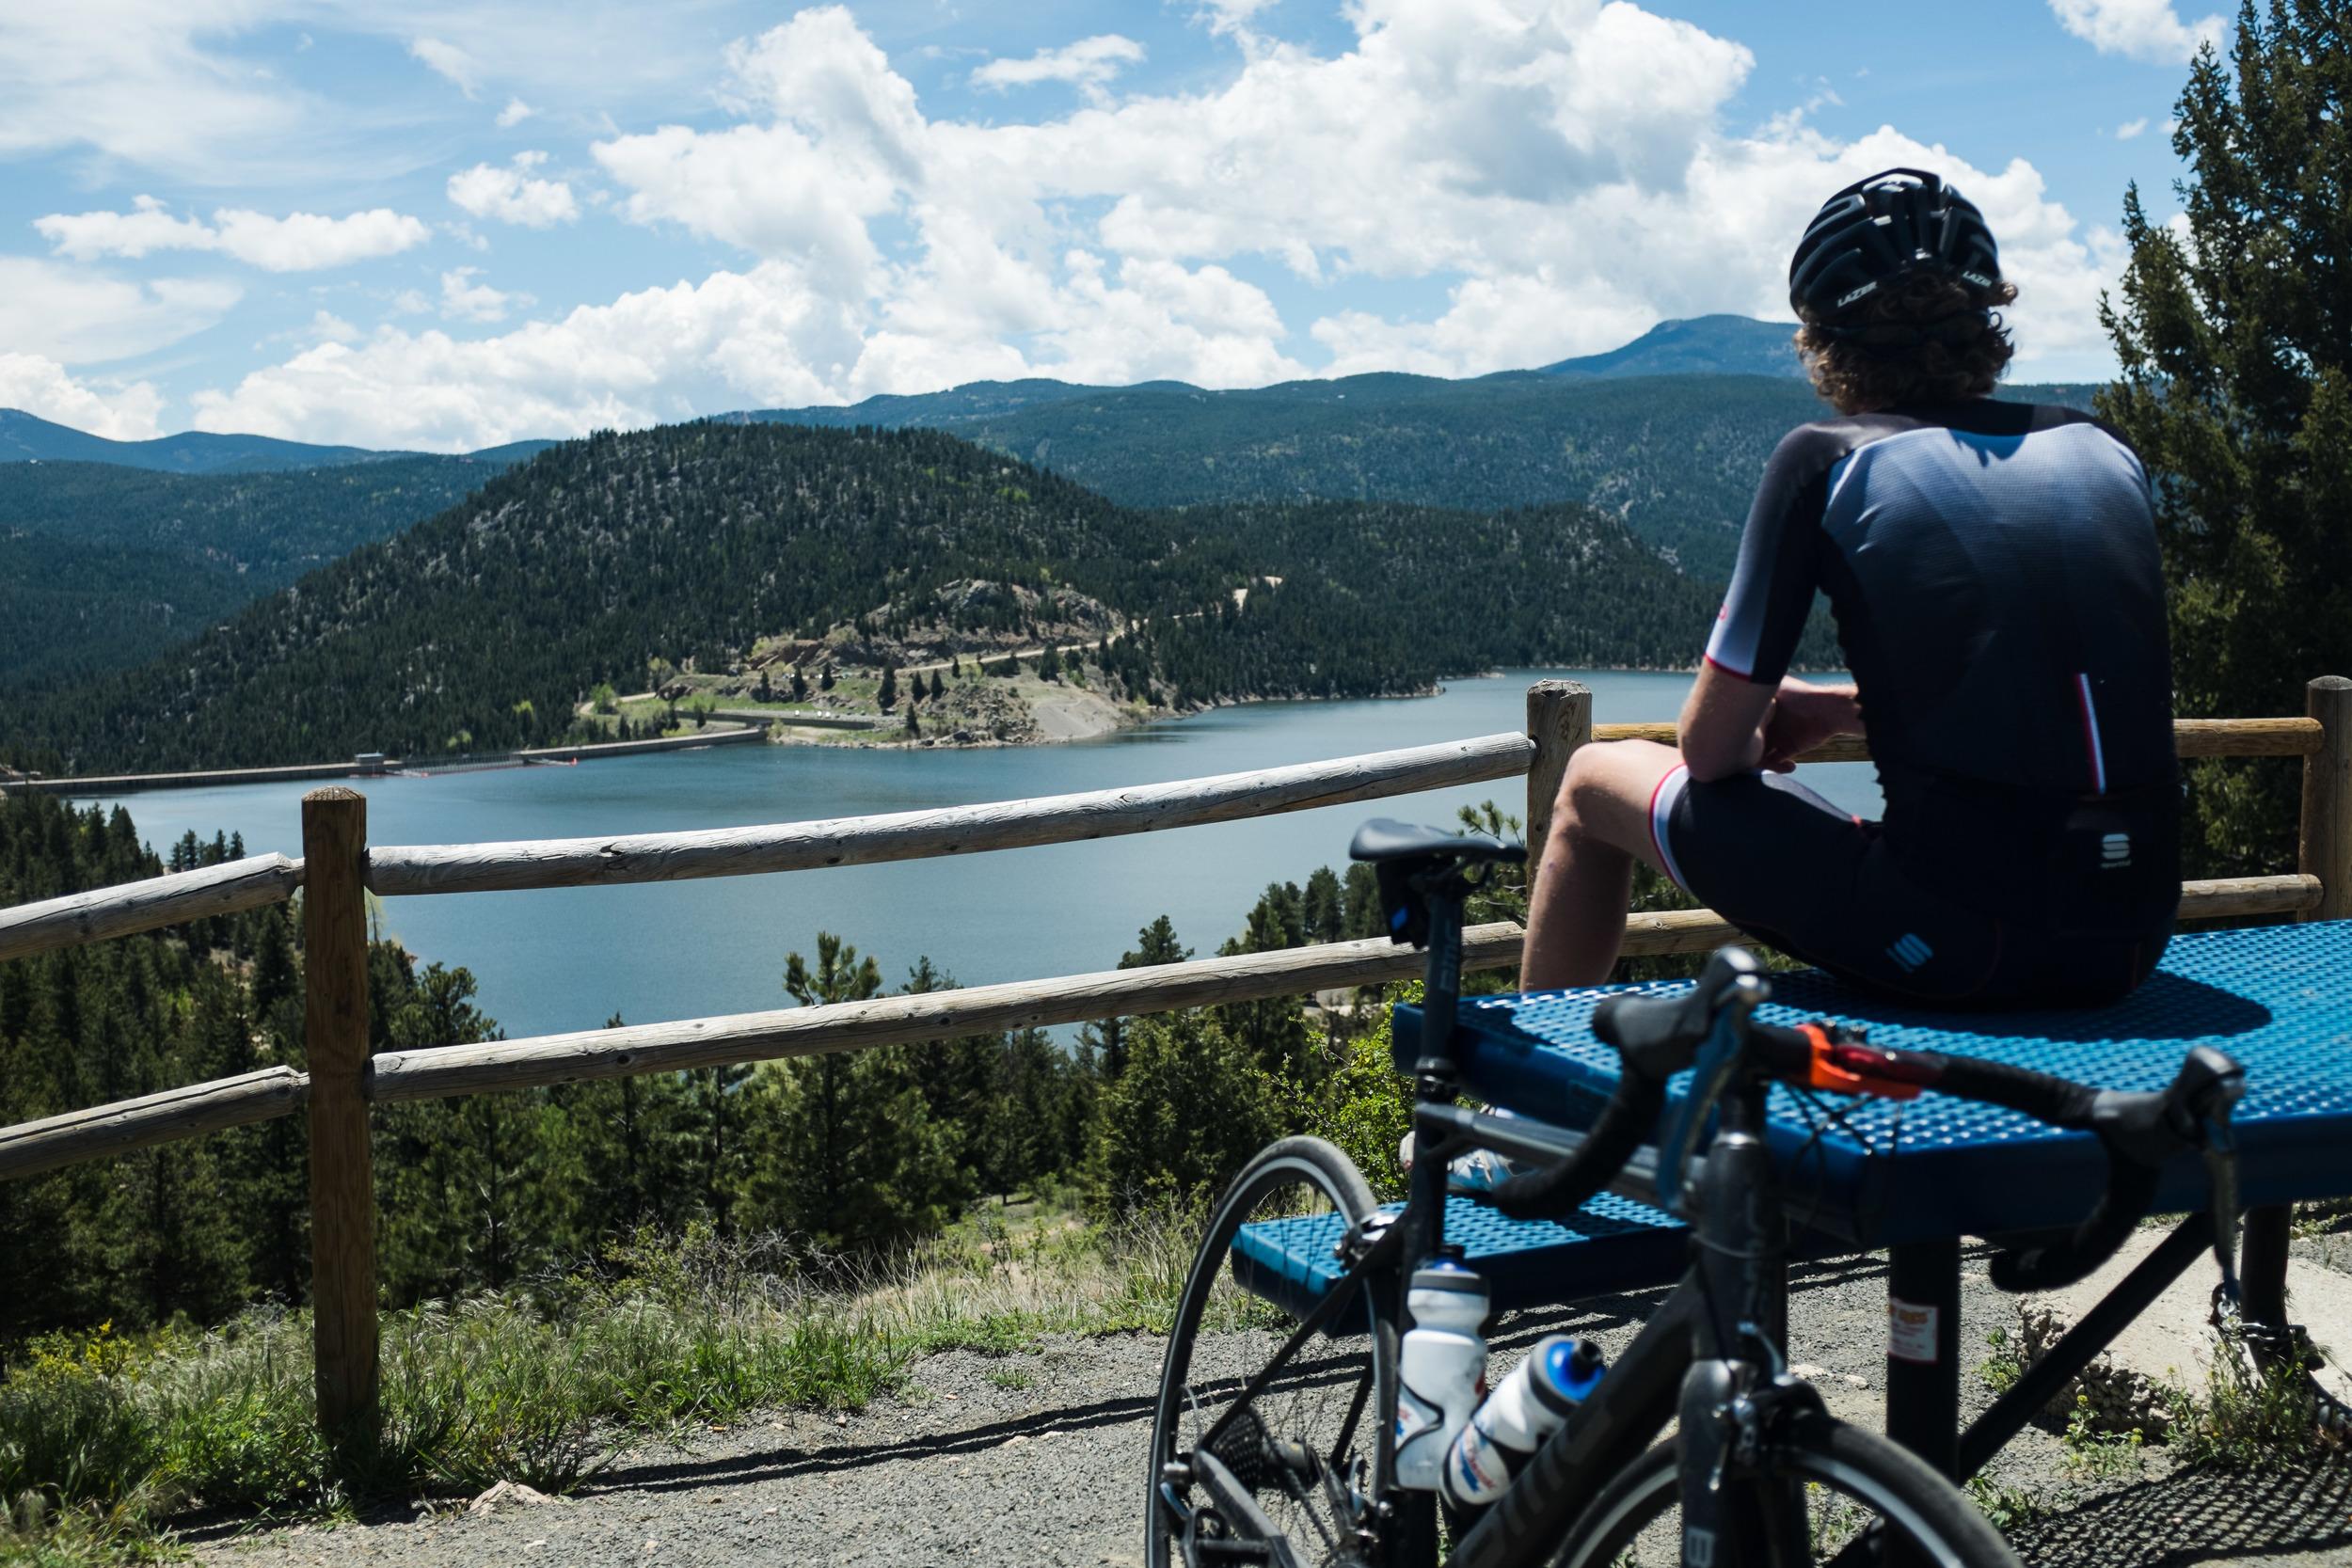 Sportful in Boulder, CO. Post Magnolia Climb